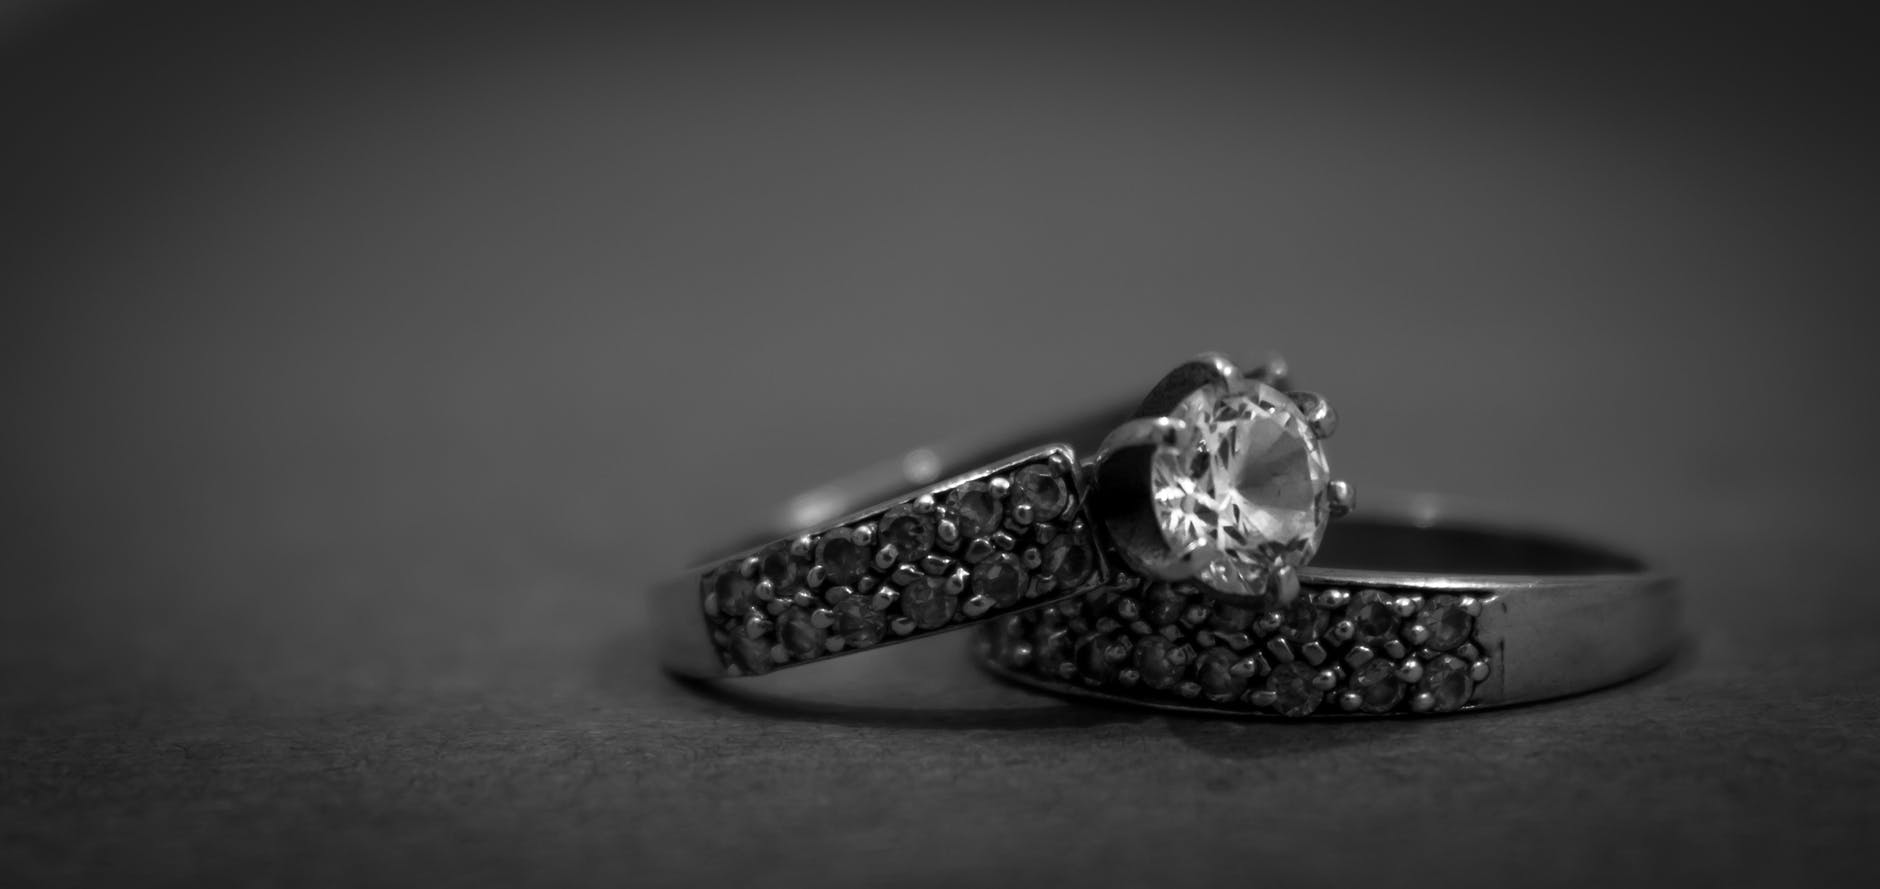 Superstiții puternice despre bijuterii. Voropchievici: Nu este permis sa fie atinse!